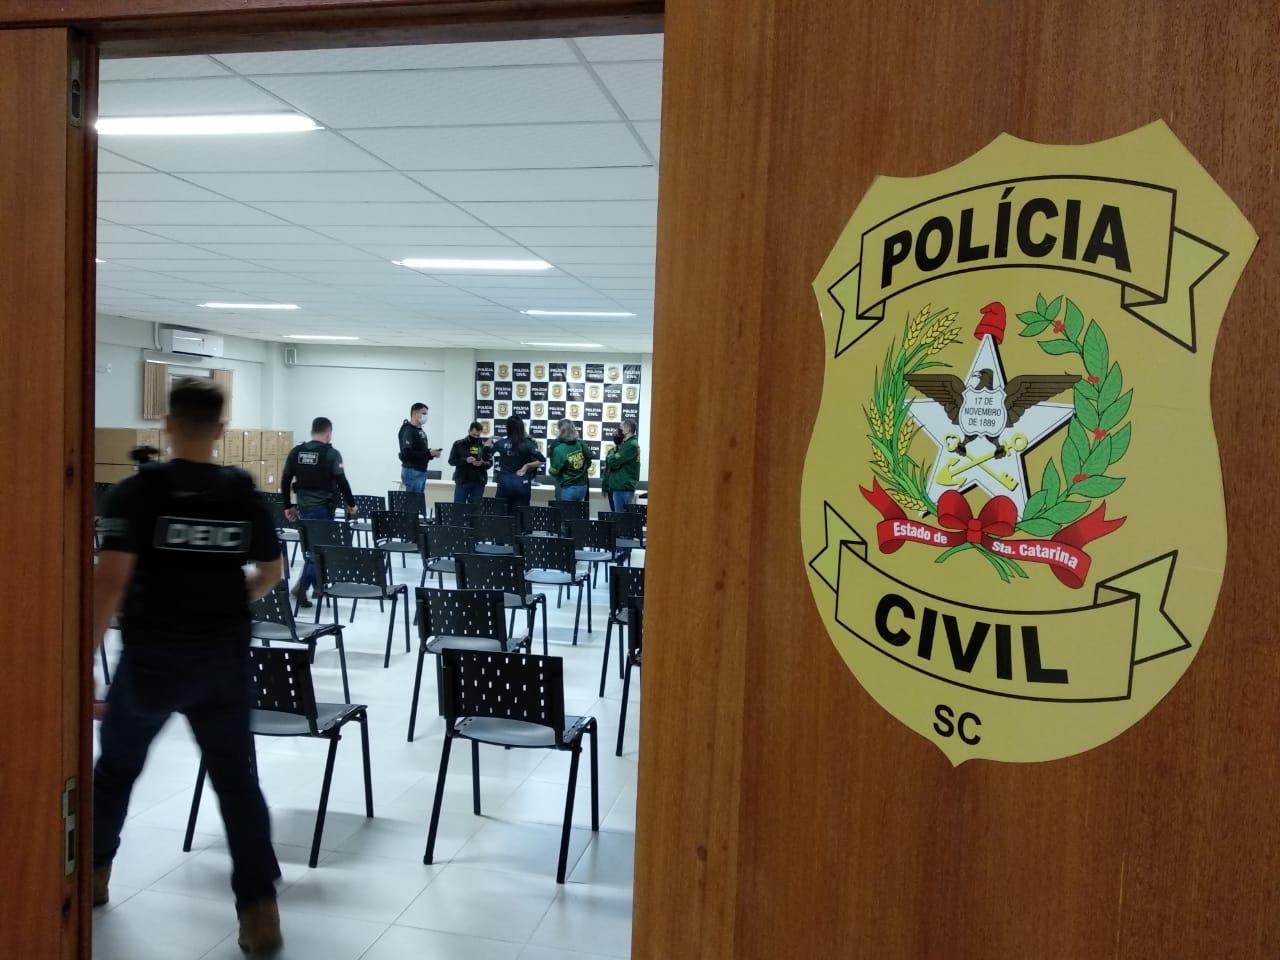 Foto: Polícia Civil SC